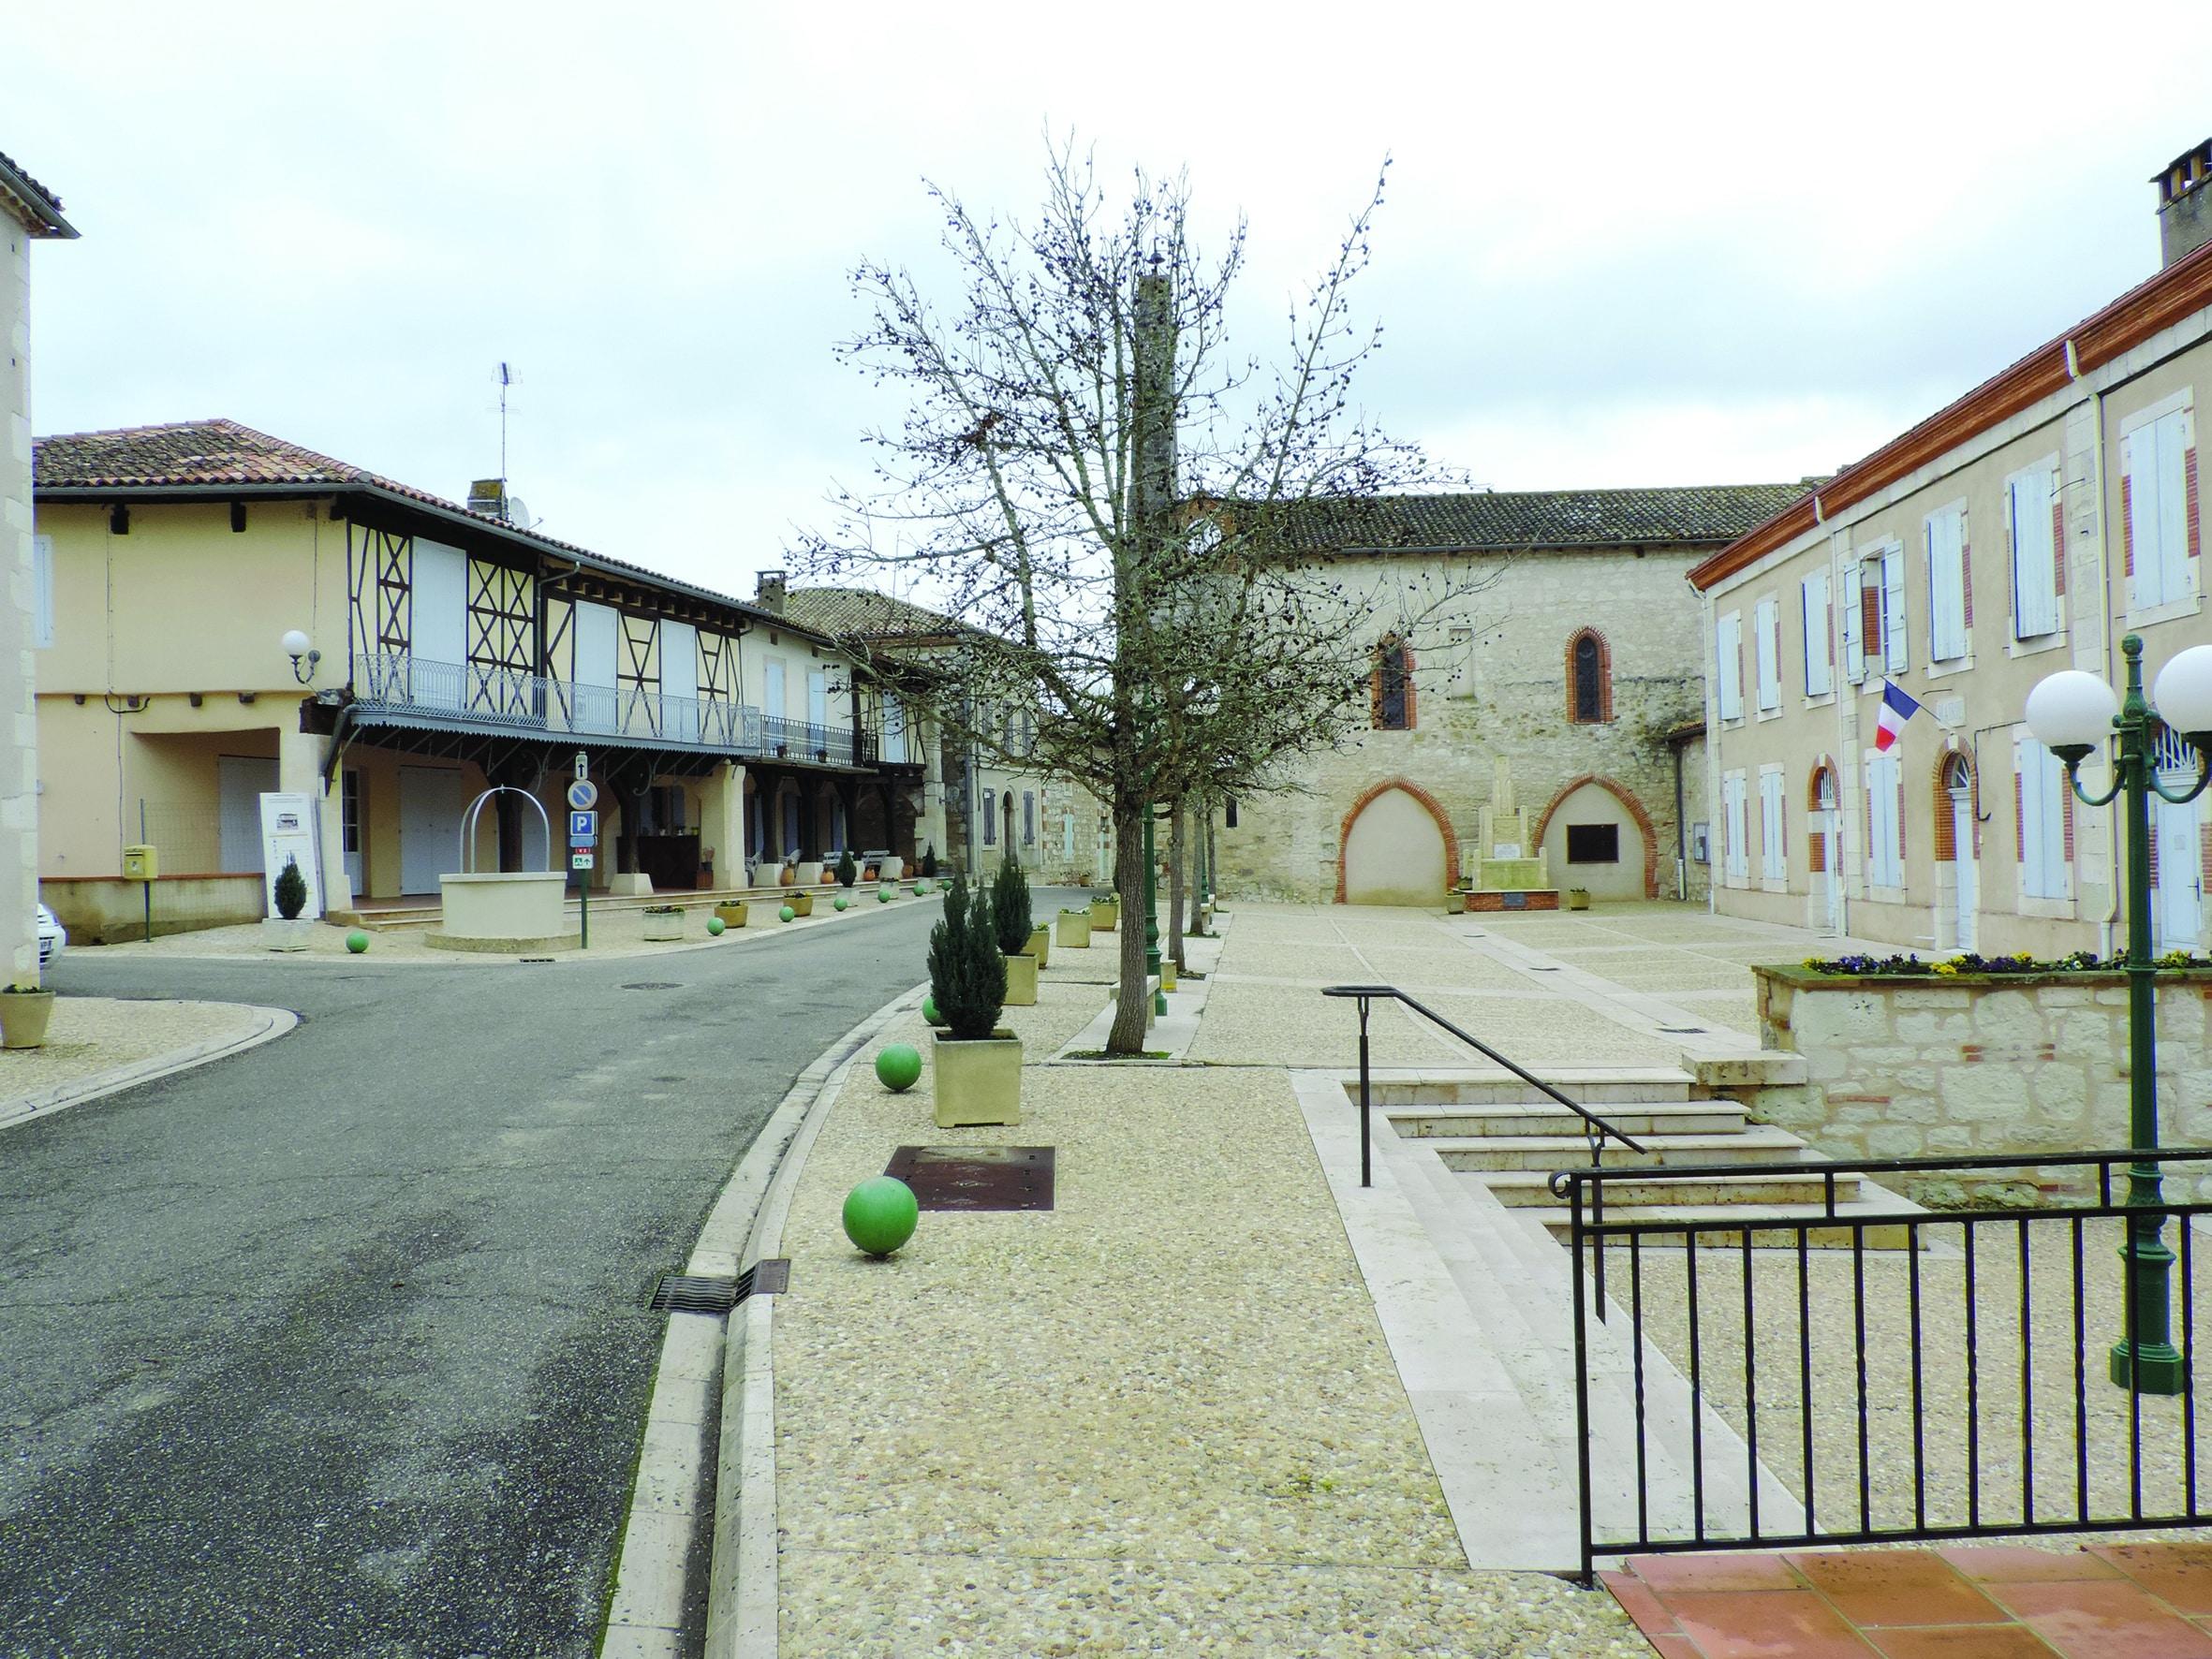 Le Riverain - Saint-Michel (Sent-Miqueu)